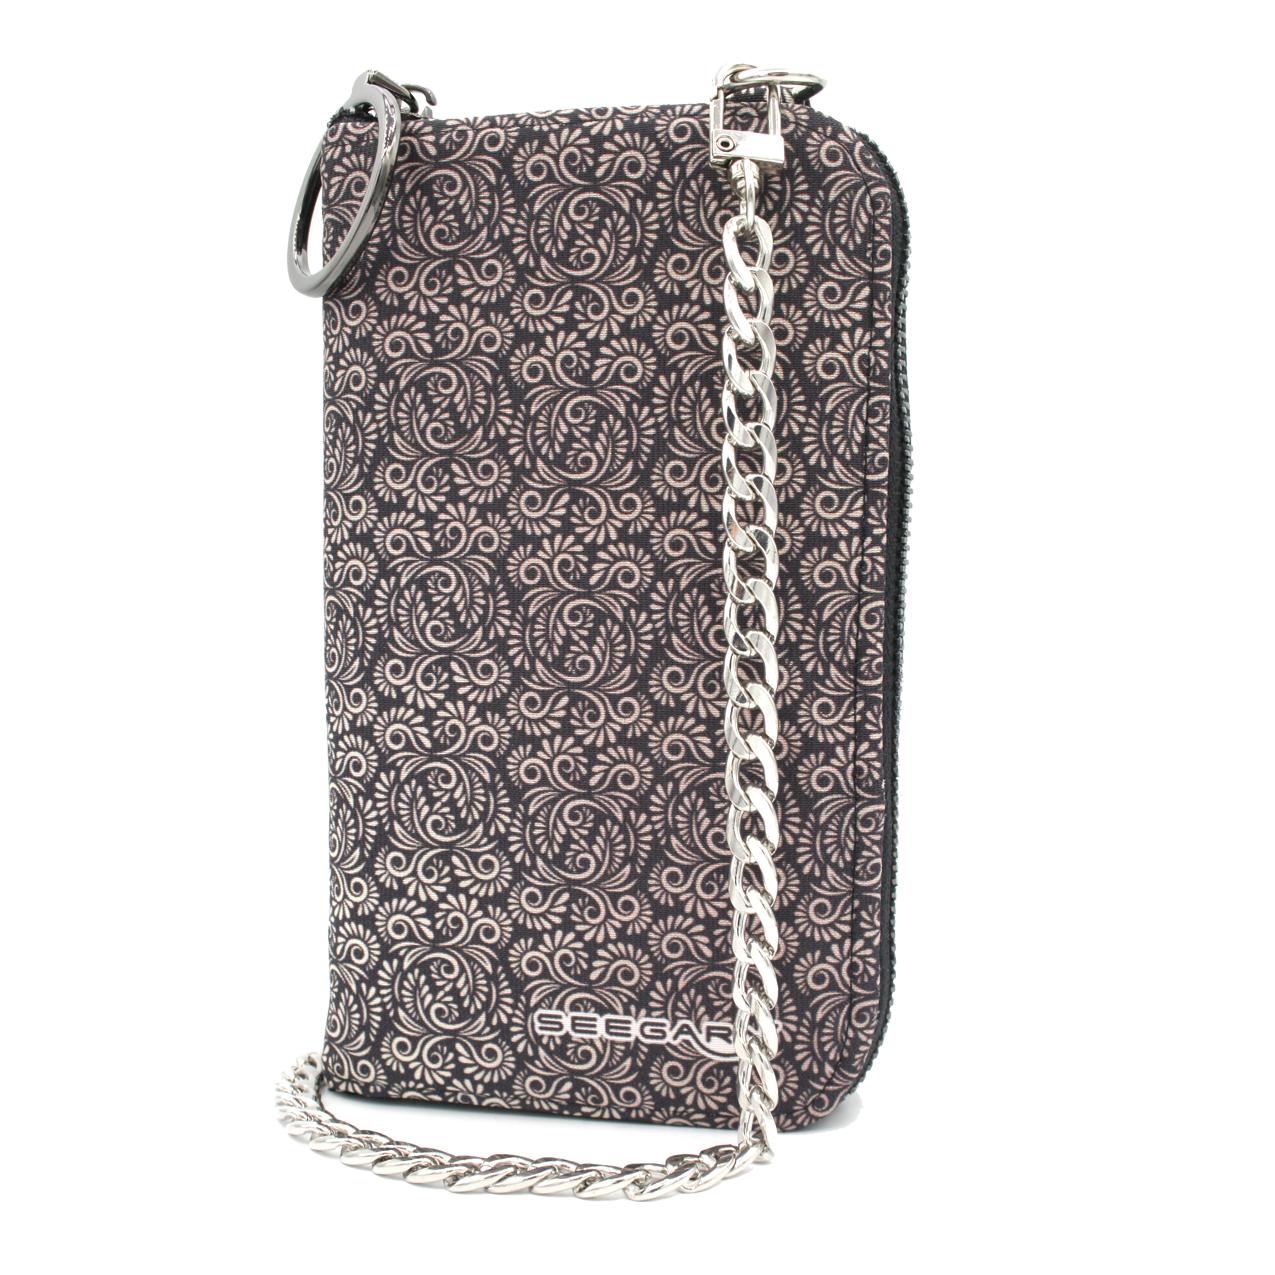 Smart-Bag, 2in1 Handy-Tasche und Geldbeutel (MB26)